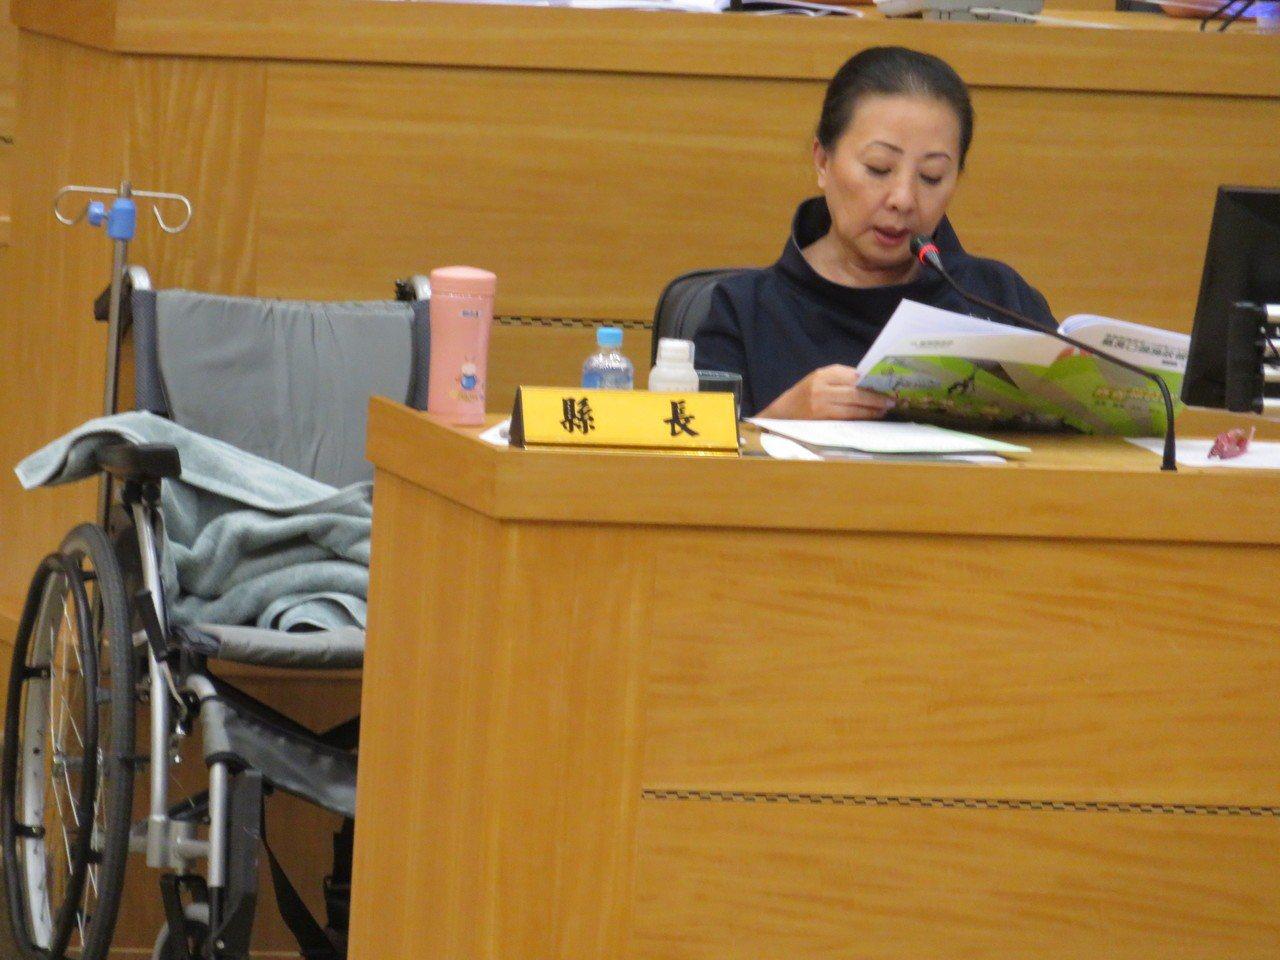 嘉義縣長張花冠年底卸任,今天上午最後一次在議會施政報告,她因823水災勘災右腿涉...